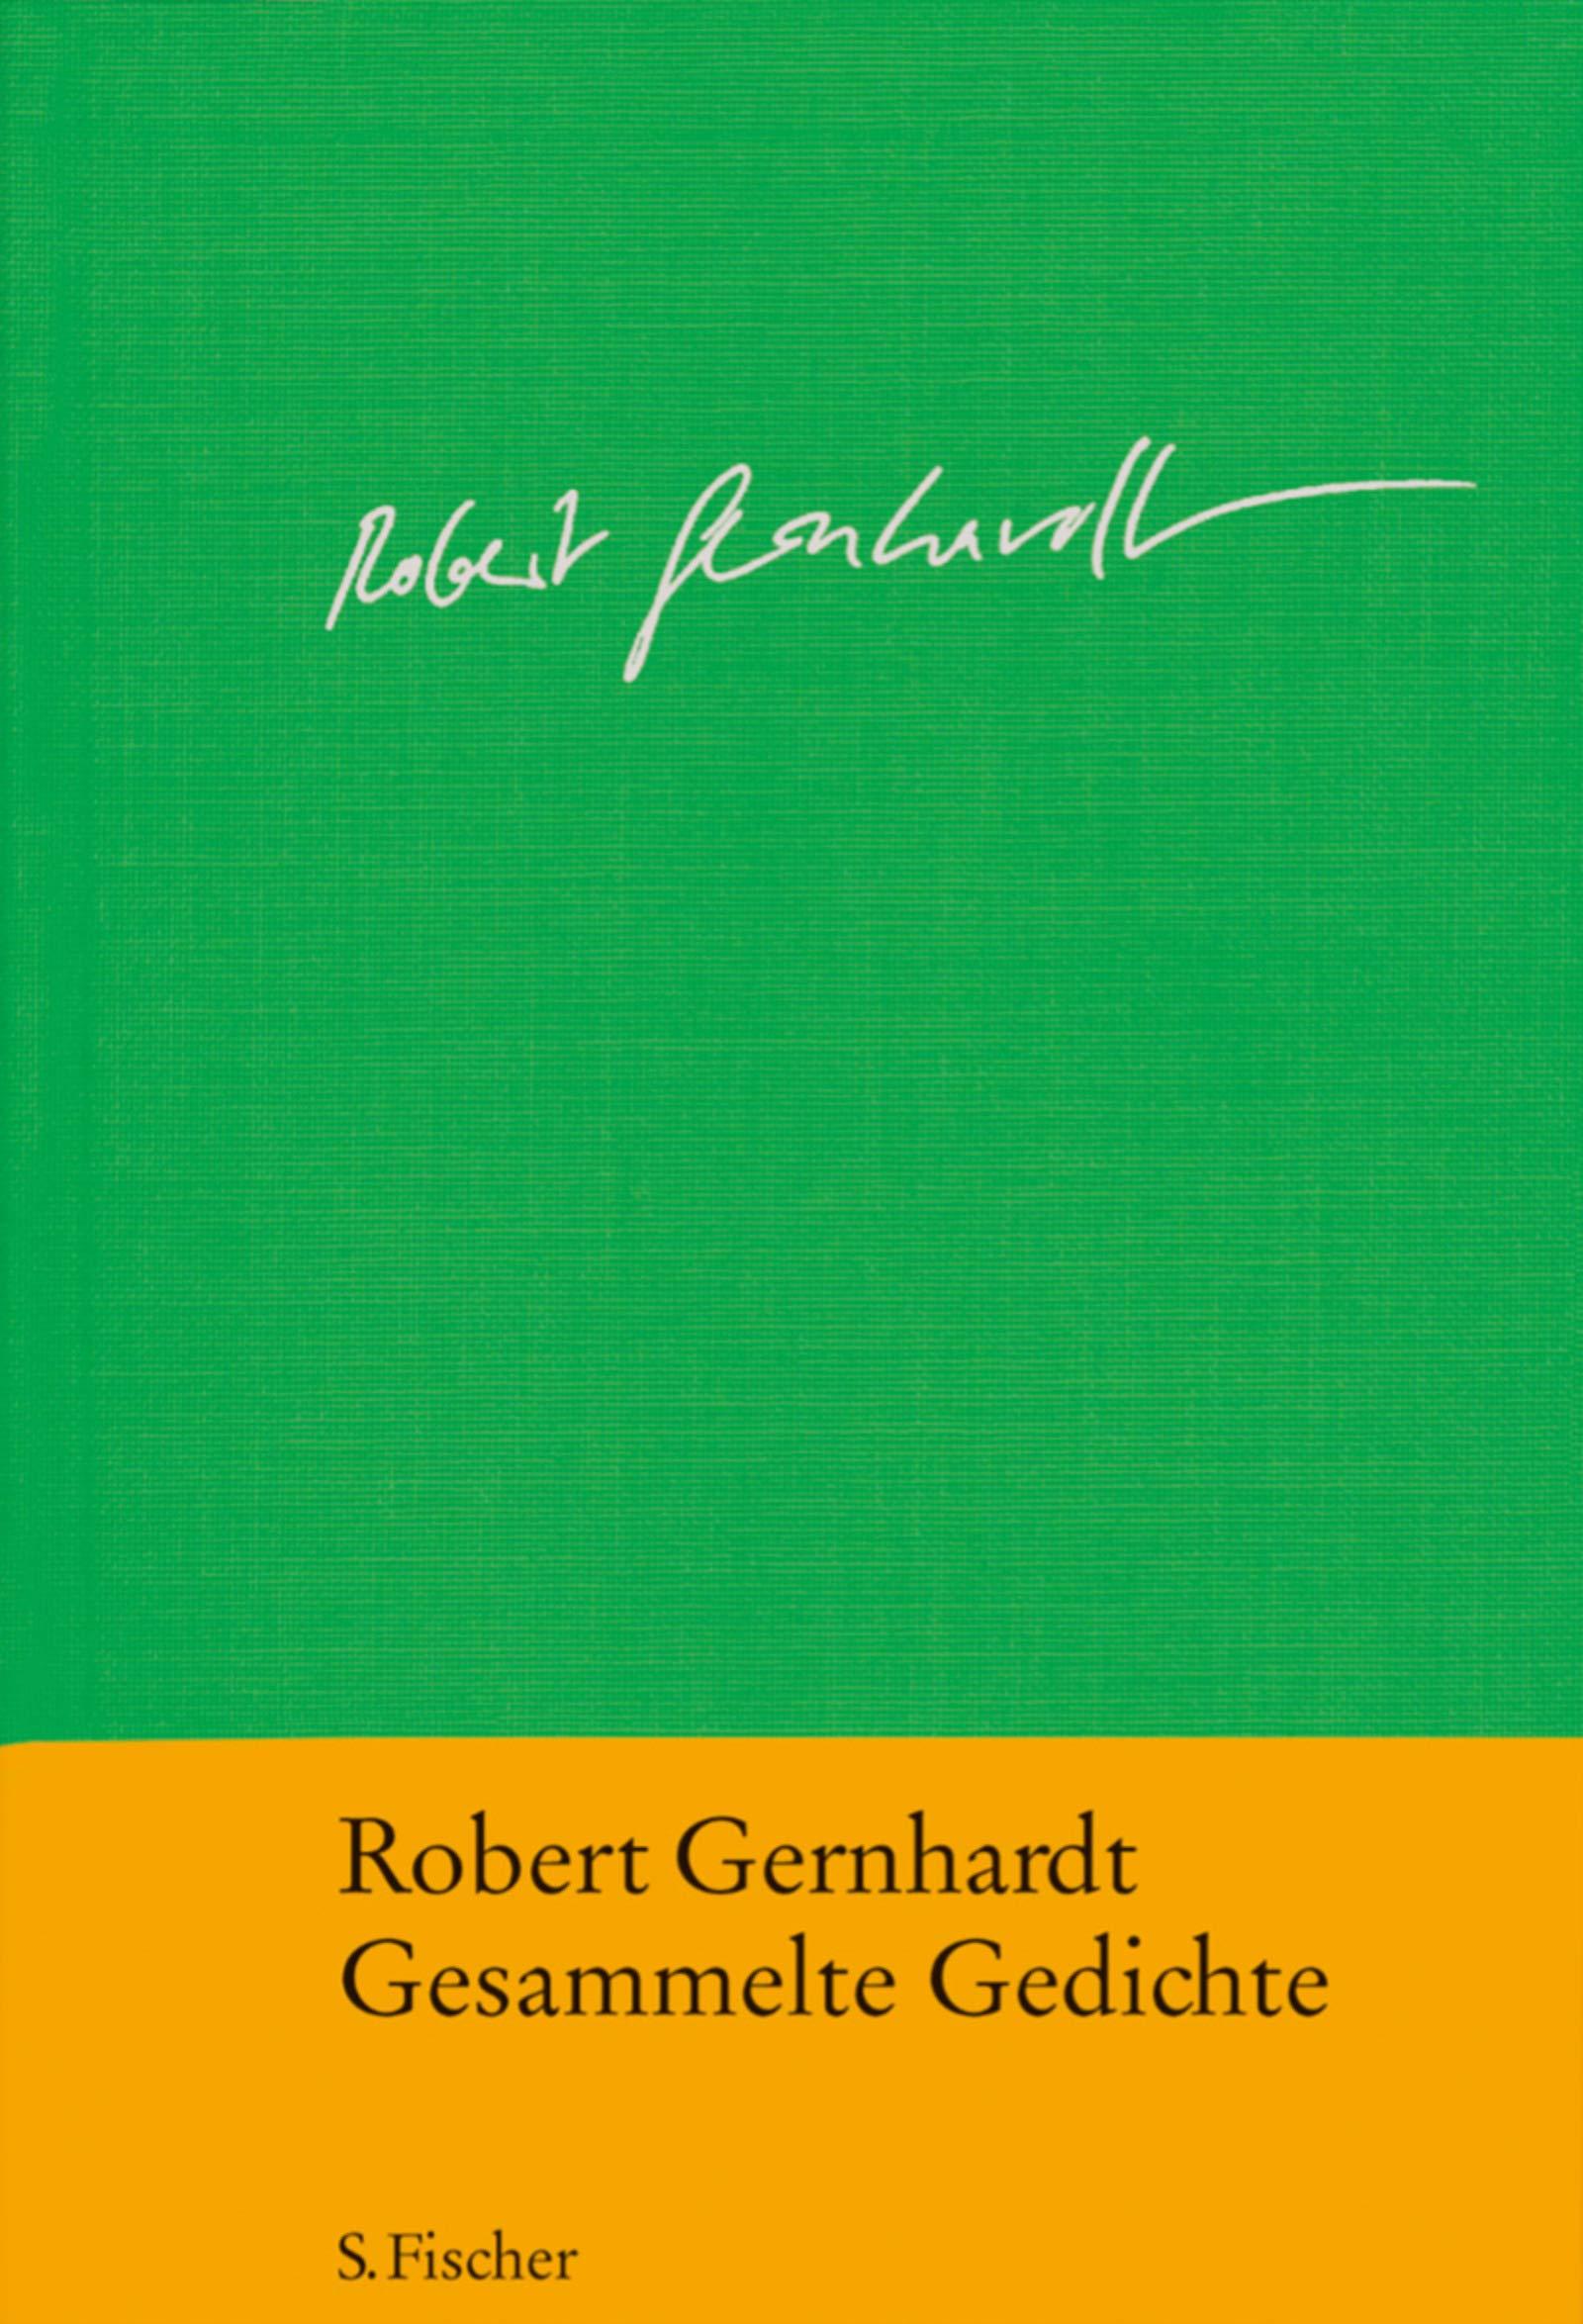 Gesammelte Gedichte Robert Gernhardt 9783100255068 Amazon